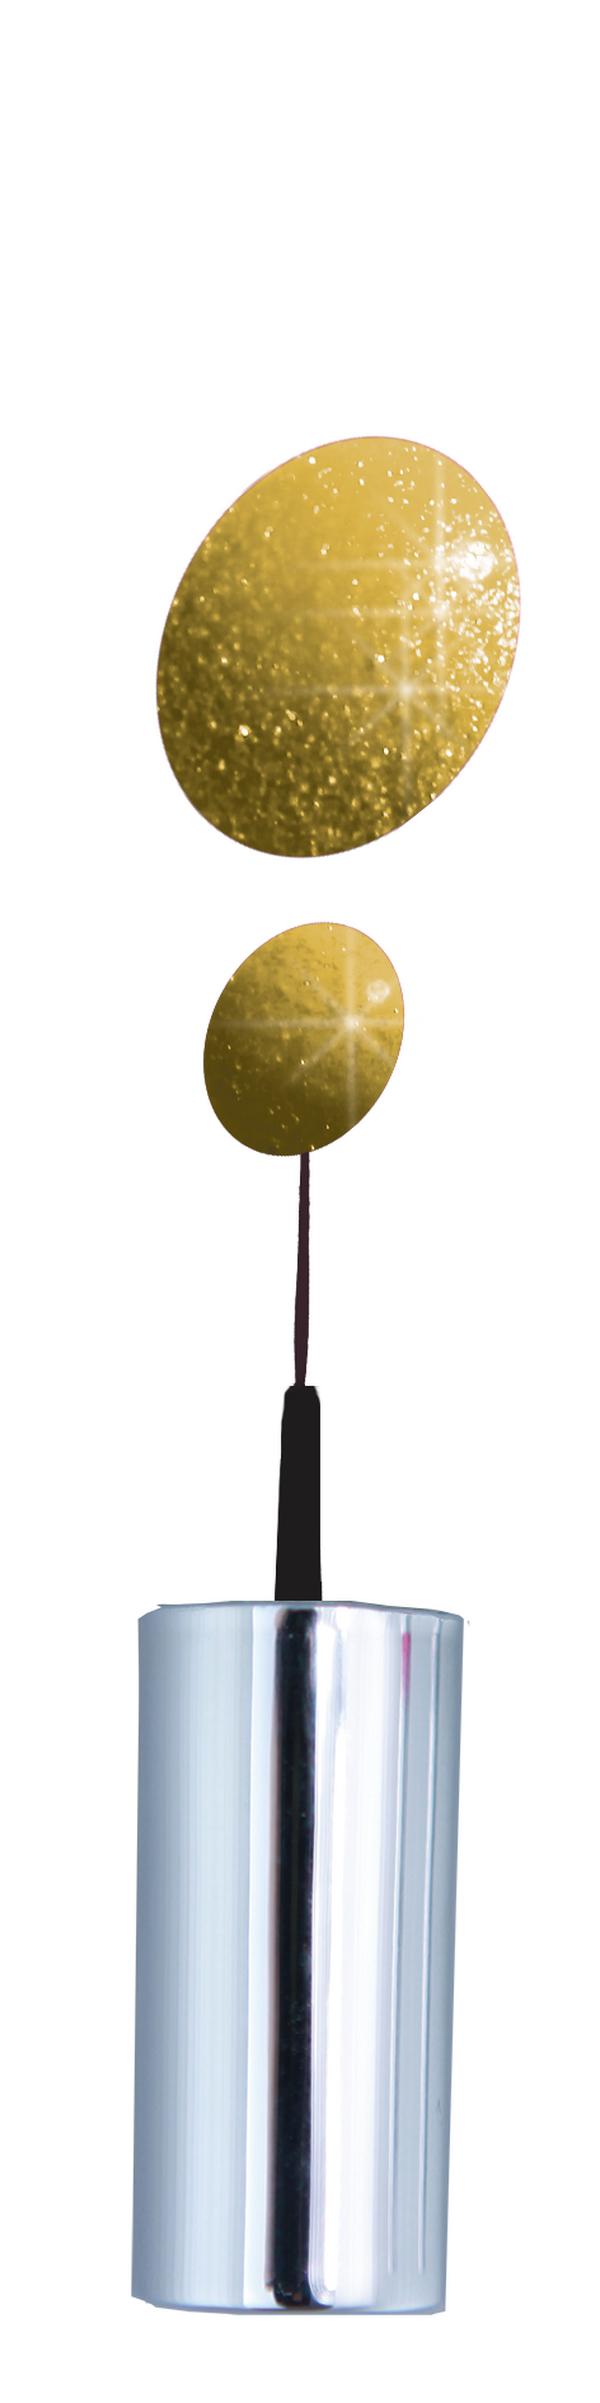 Nailart Crystalac - Díszítő tűecsetes Crystalac - 15